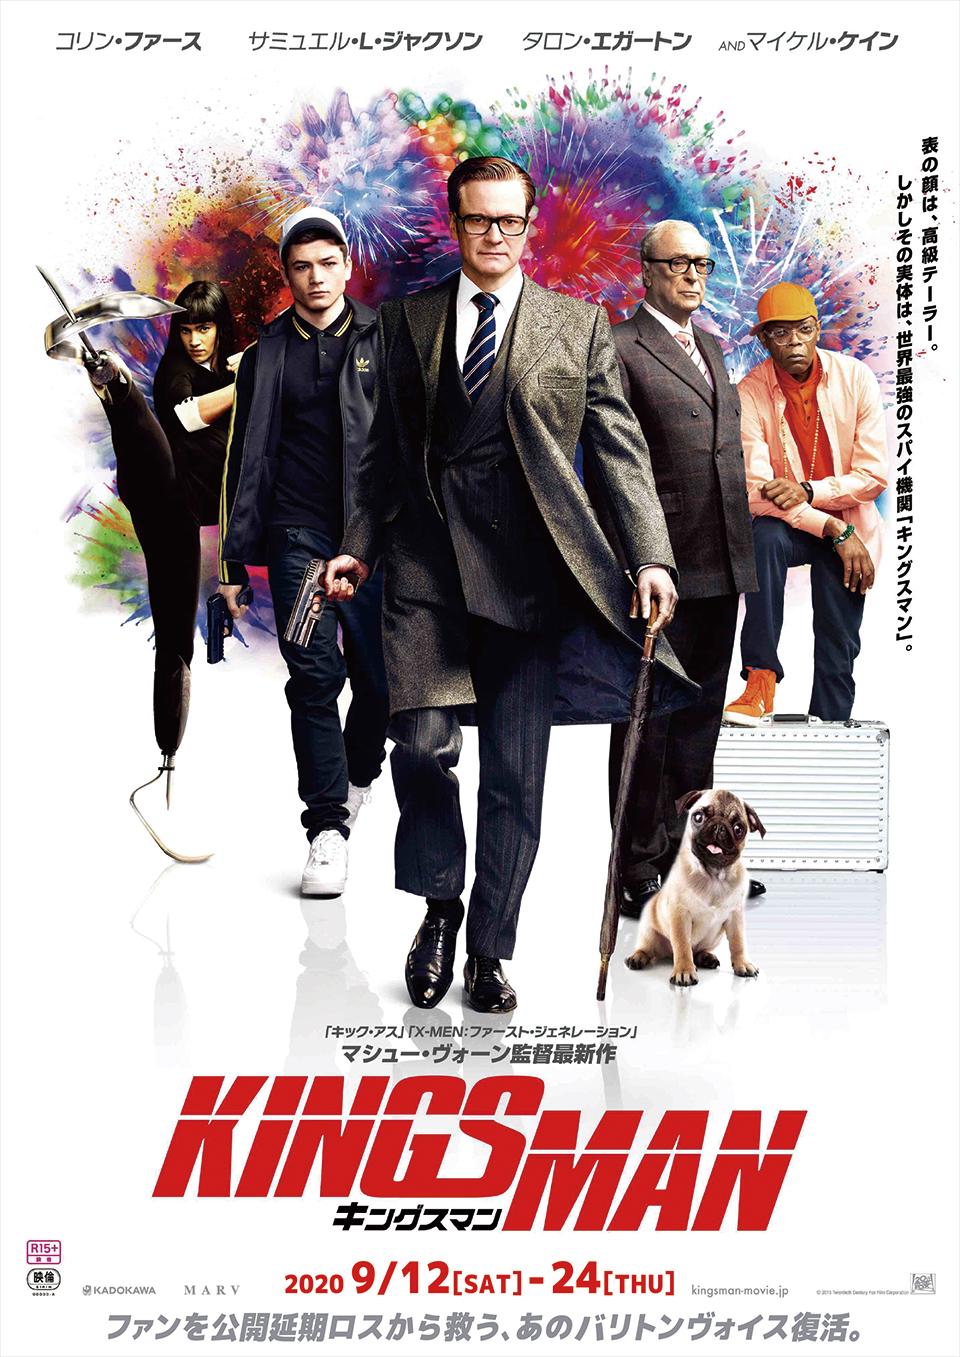 『キングスマン ファースト・エージェント』2021年2月26日に公開延期! だがファンをロスから救うため、シネマシティでは9/12(土)-24(木)『キングスマン』傑作の1本目を【極爆】で。